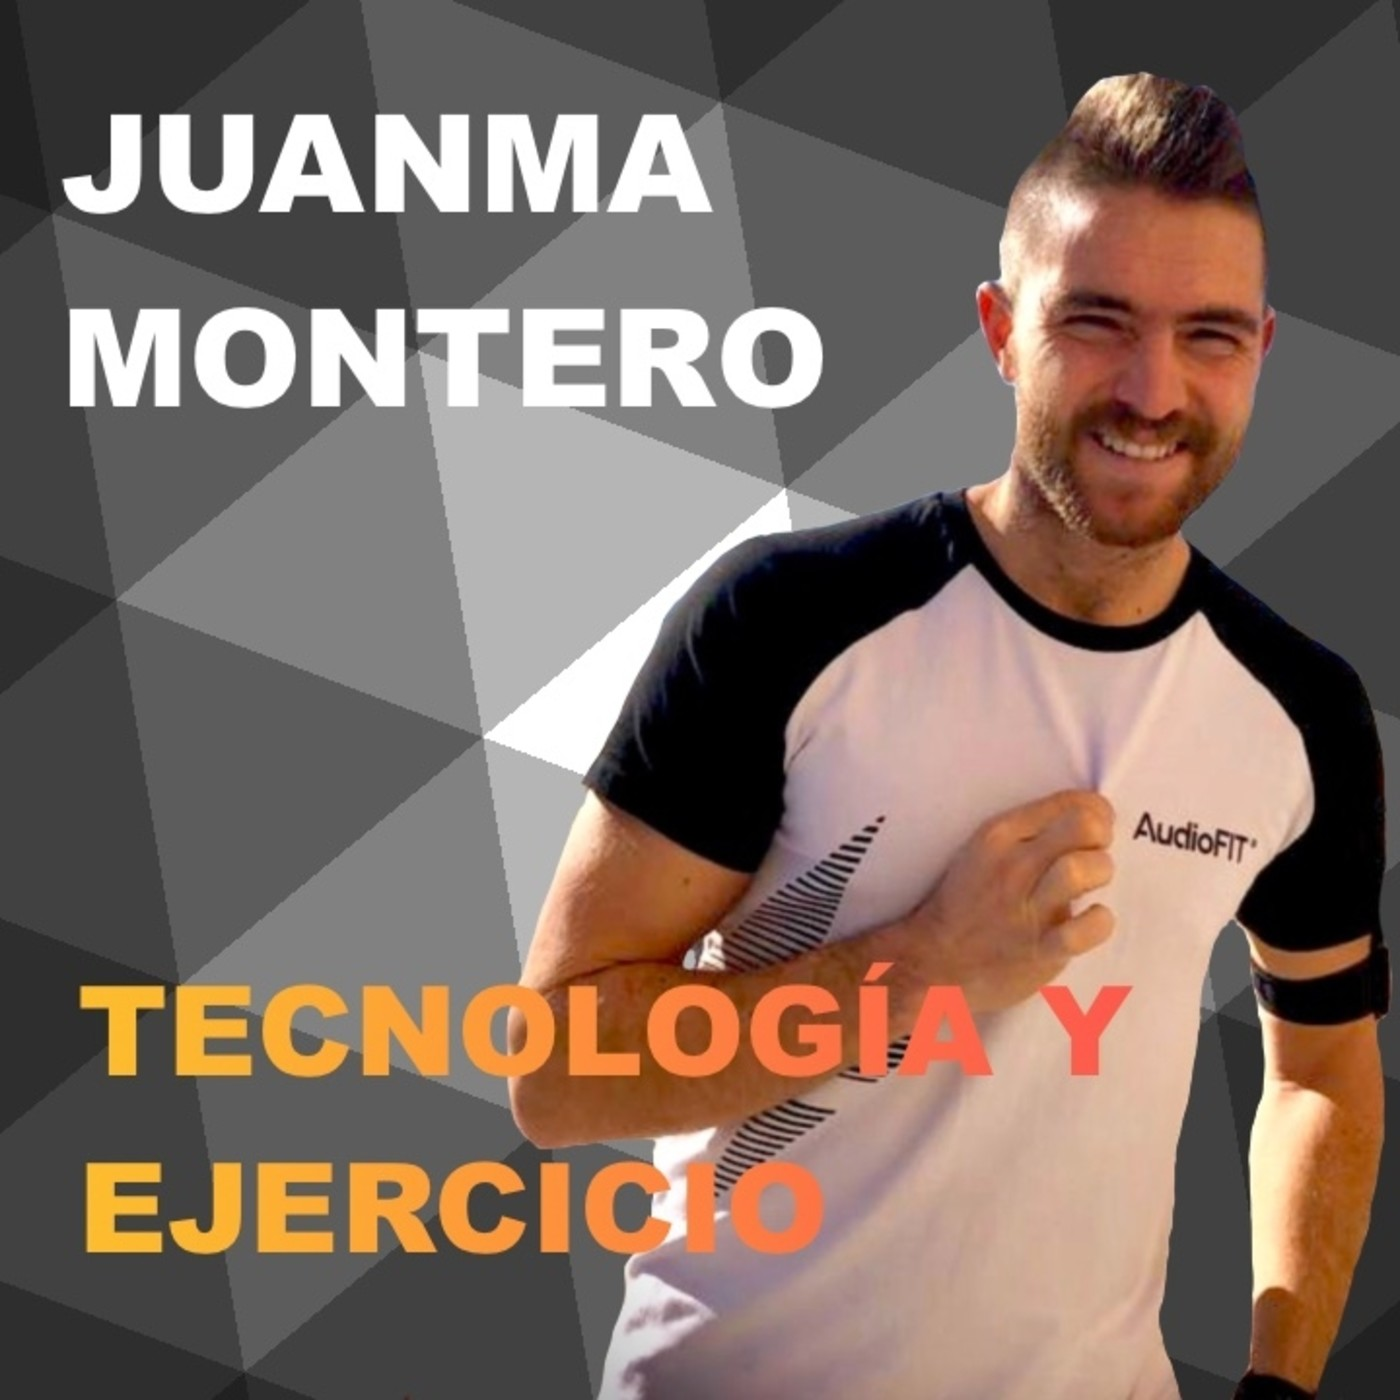 Episodio 5 con Juanma Montero. Trainingym. Tecnología y actividad física